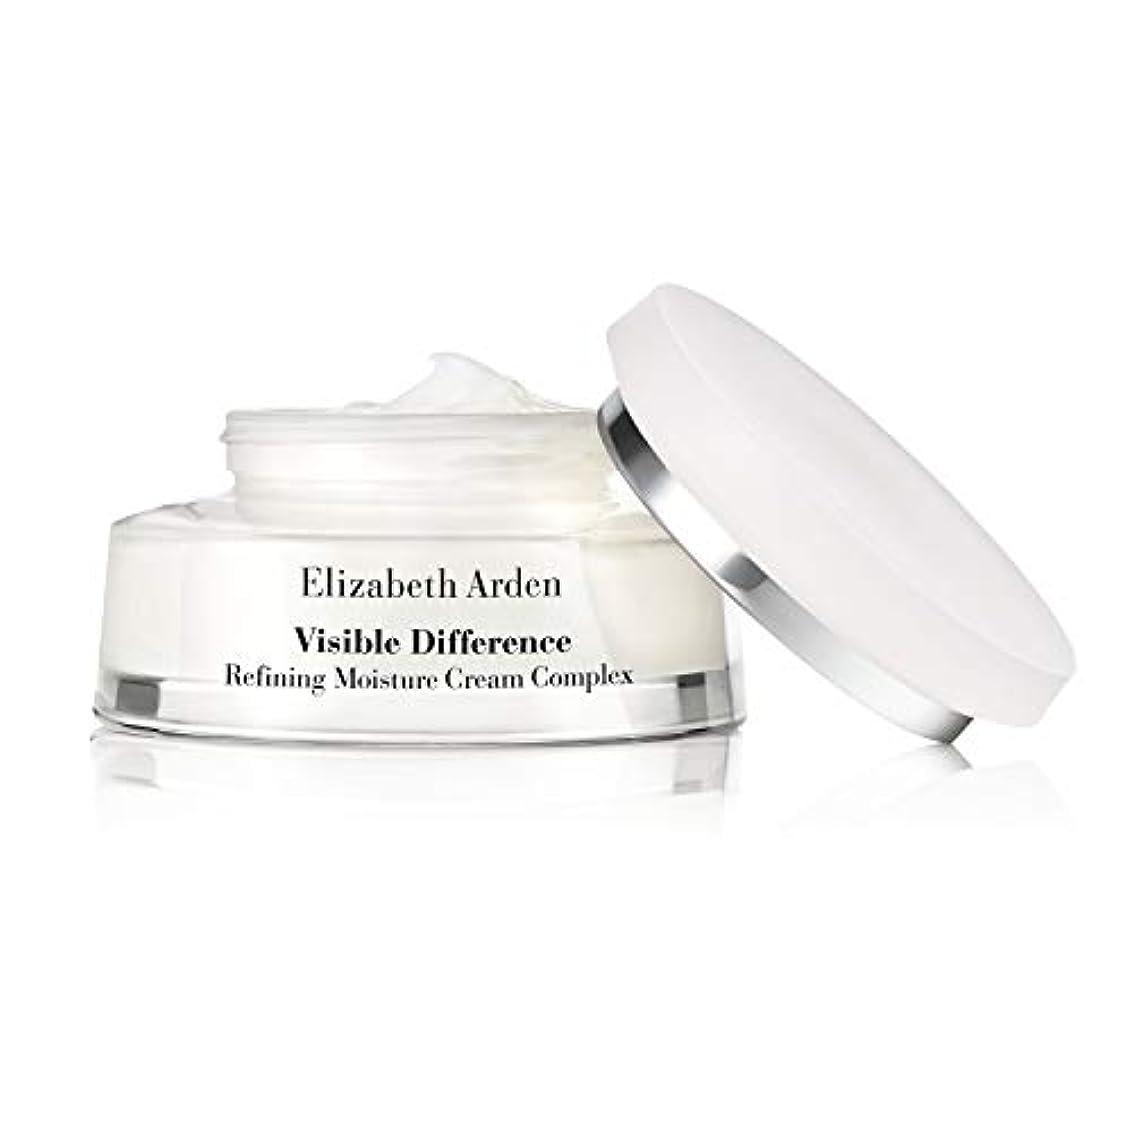 ELIZABETH ARDEN VISIBLE DIFFERENCE Refining Moisture Cream Complex 75 ml 2.5 oz